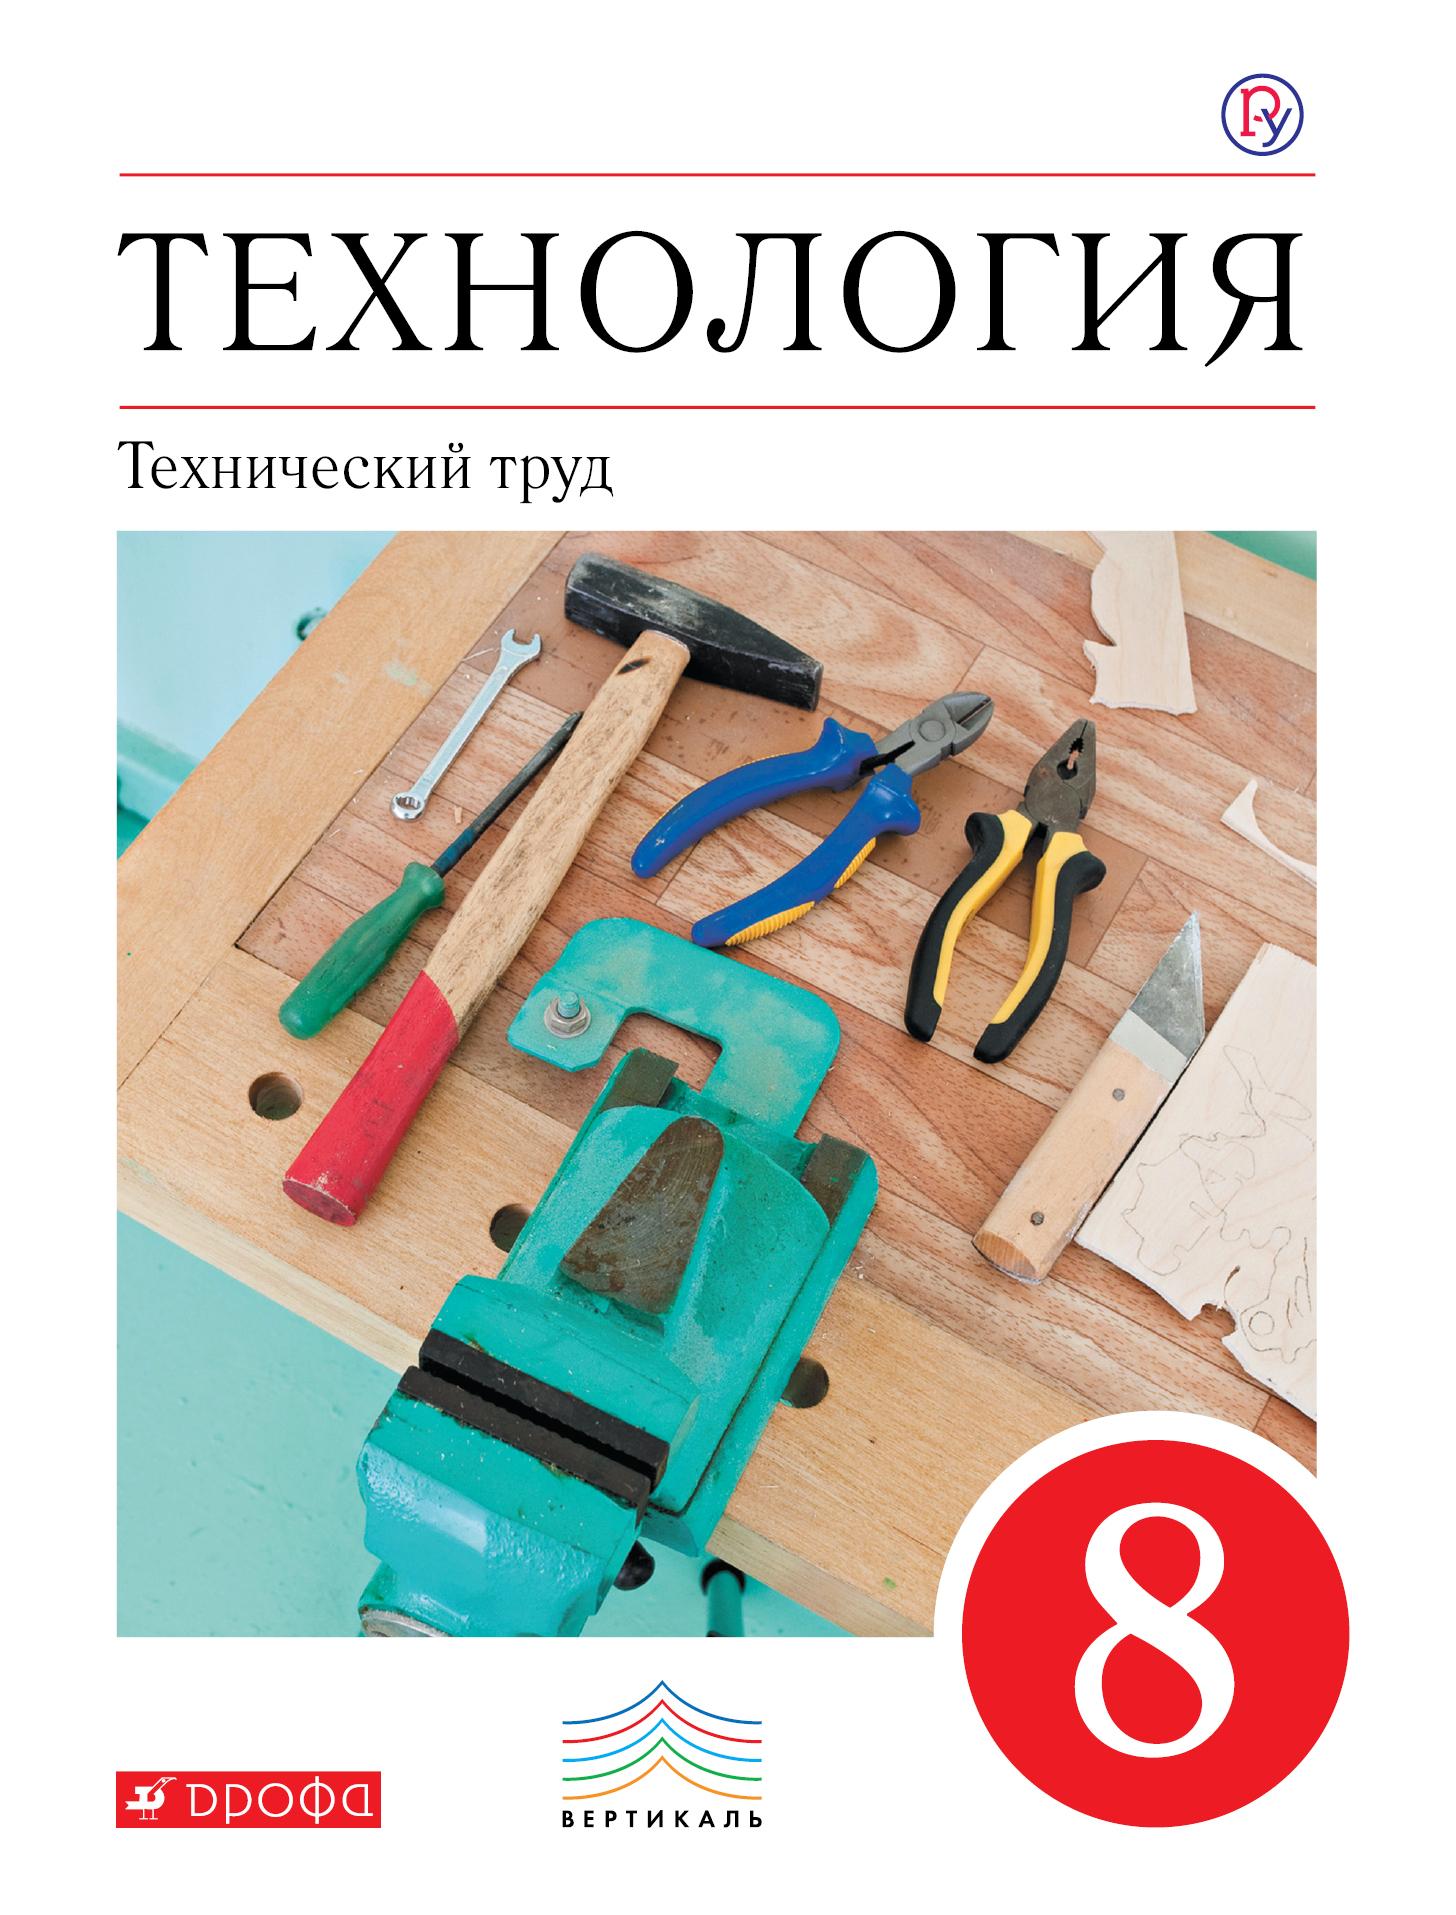 Технология. Технический труд. 8 класс. Учебник. от book24.ru